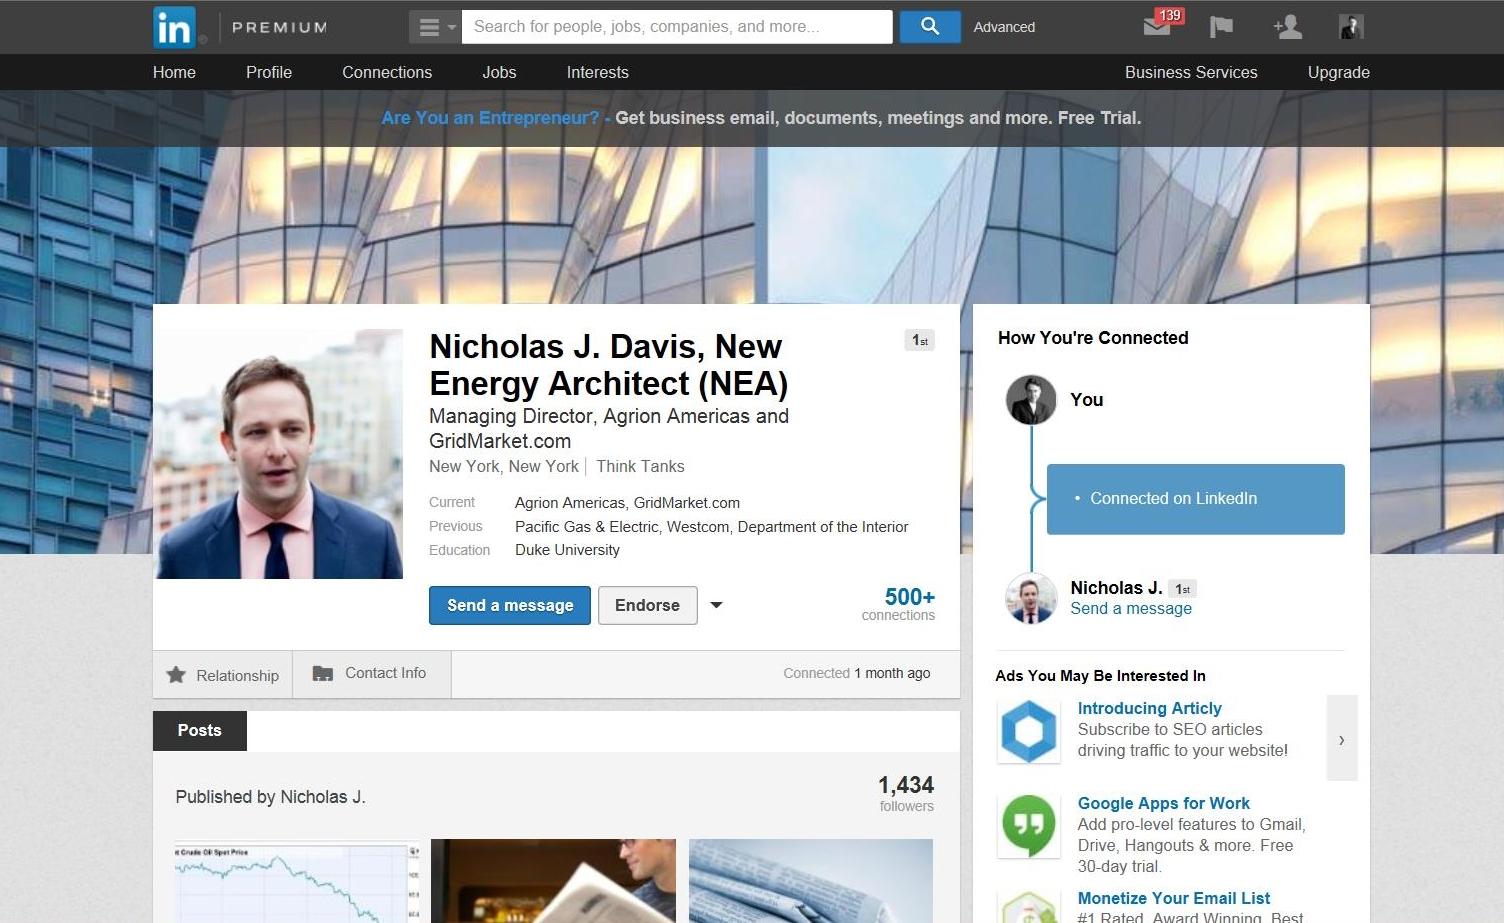 Nicholas J. Davis, NEA (After)